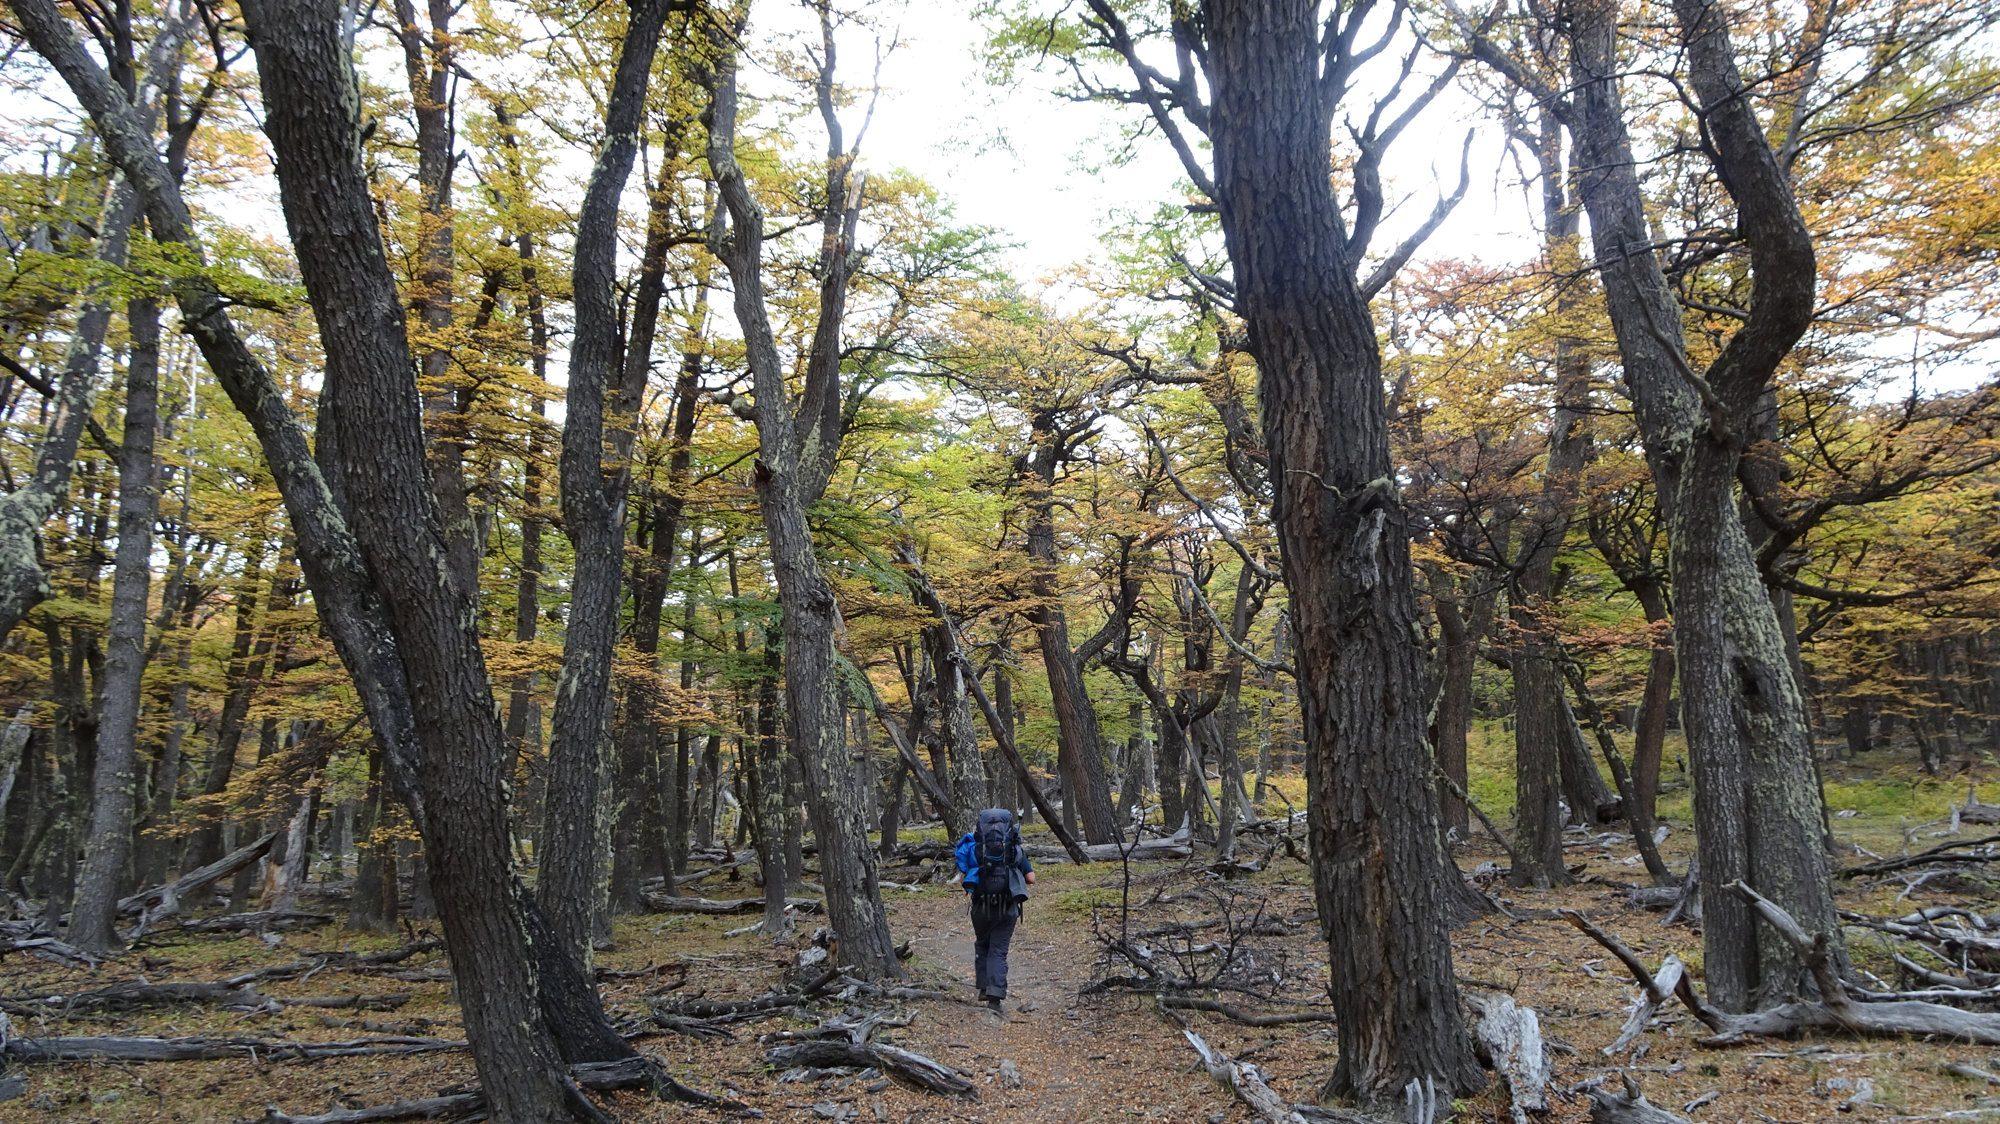 Herbstwälder am Huemul Circuit, El Chaltén, Patagonien, Argentinien, Wanderung, Trekking